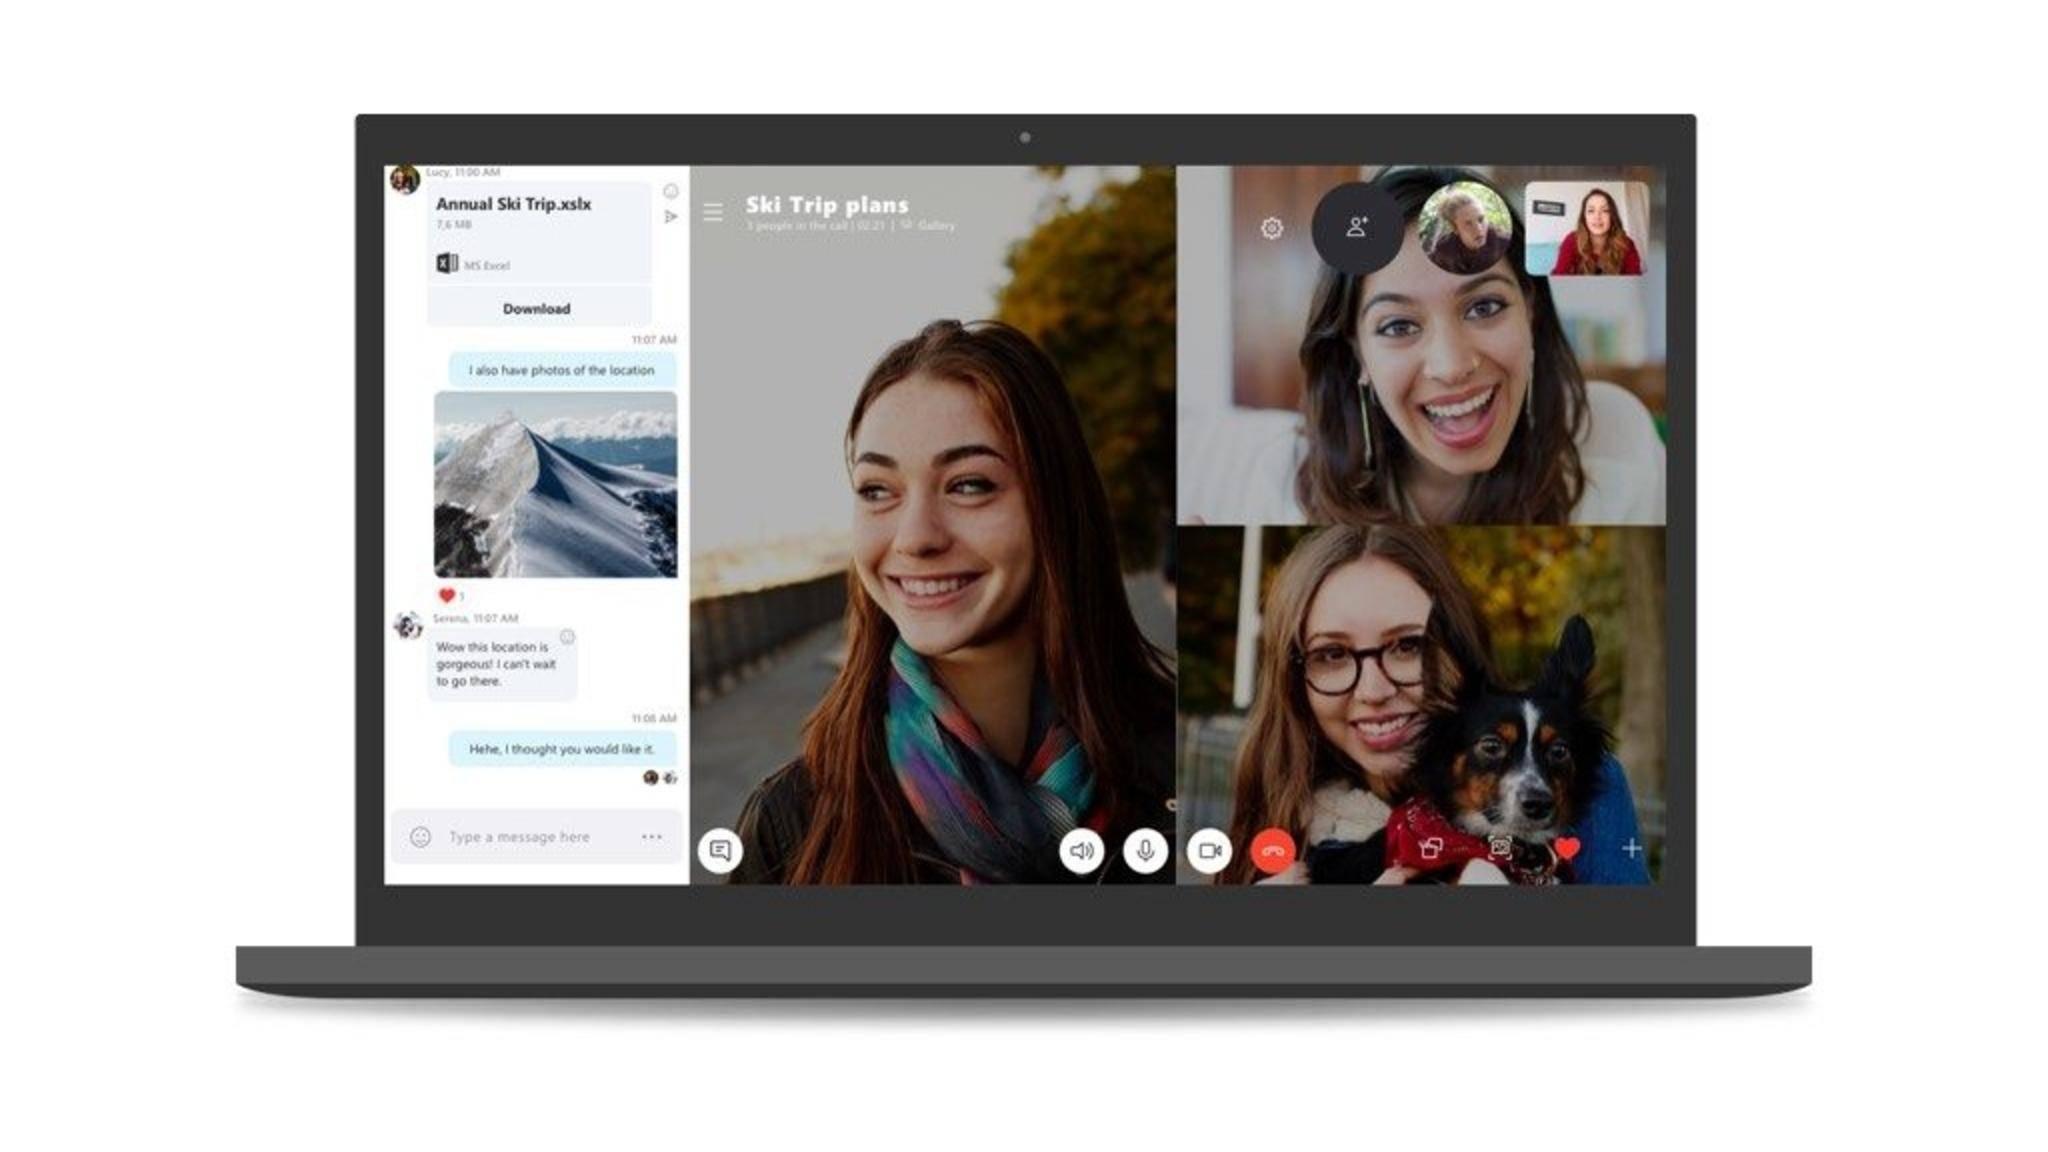 Das neue Skype-Design gefällt nicht jedem Nutzer.